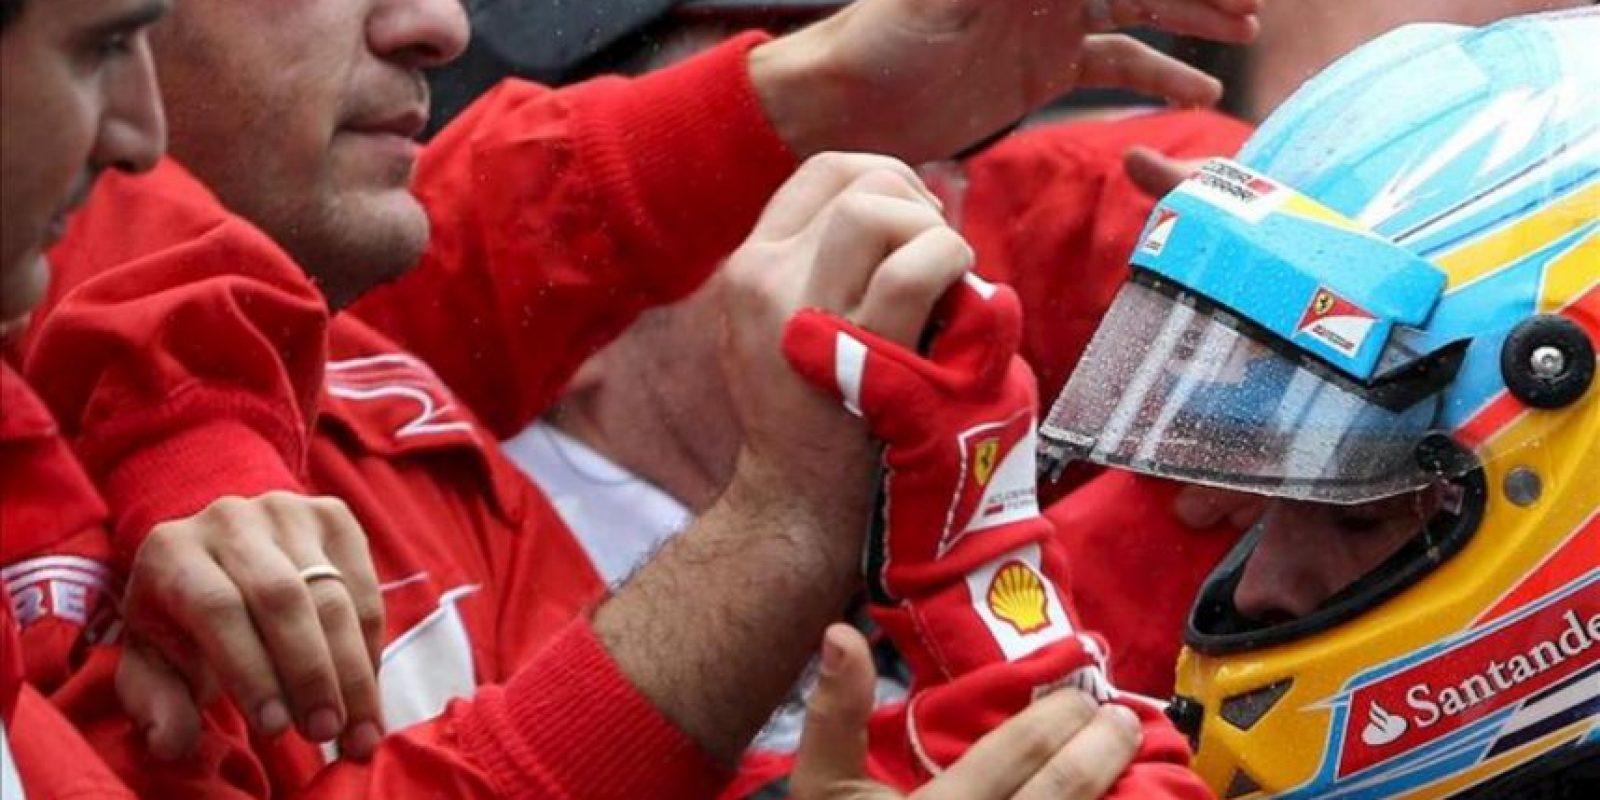 El piloto español Fernando Alonso, de Ferrari, saluda a su equipo este 25 de noviembre, tras consagrarse subcampeón mundial de Fórmula Uno al acabar segundo en el Gran Premio de Brasil, la última carrera del Mundial de Fórmula Uno, en el circuito de Interlagos de Sao Paulo. EFE